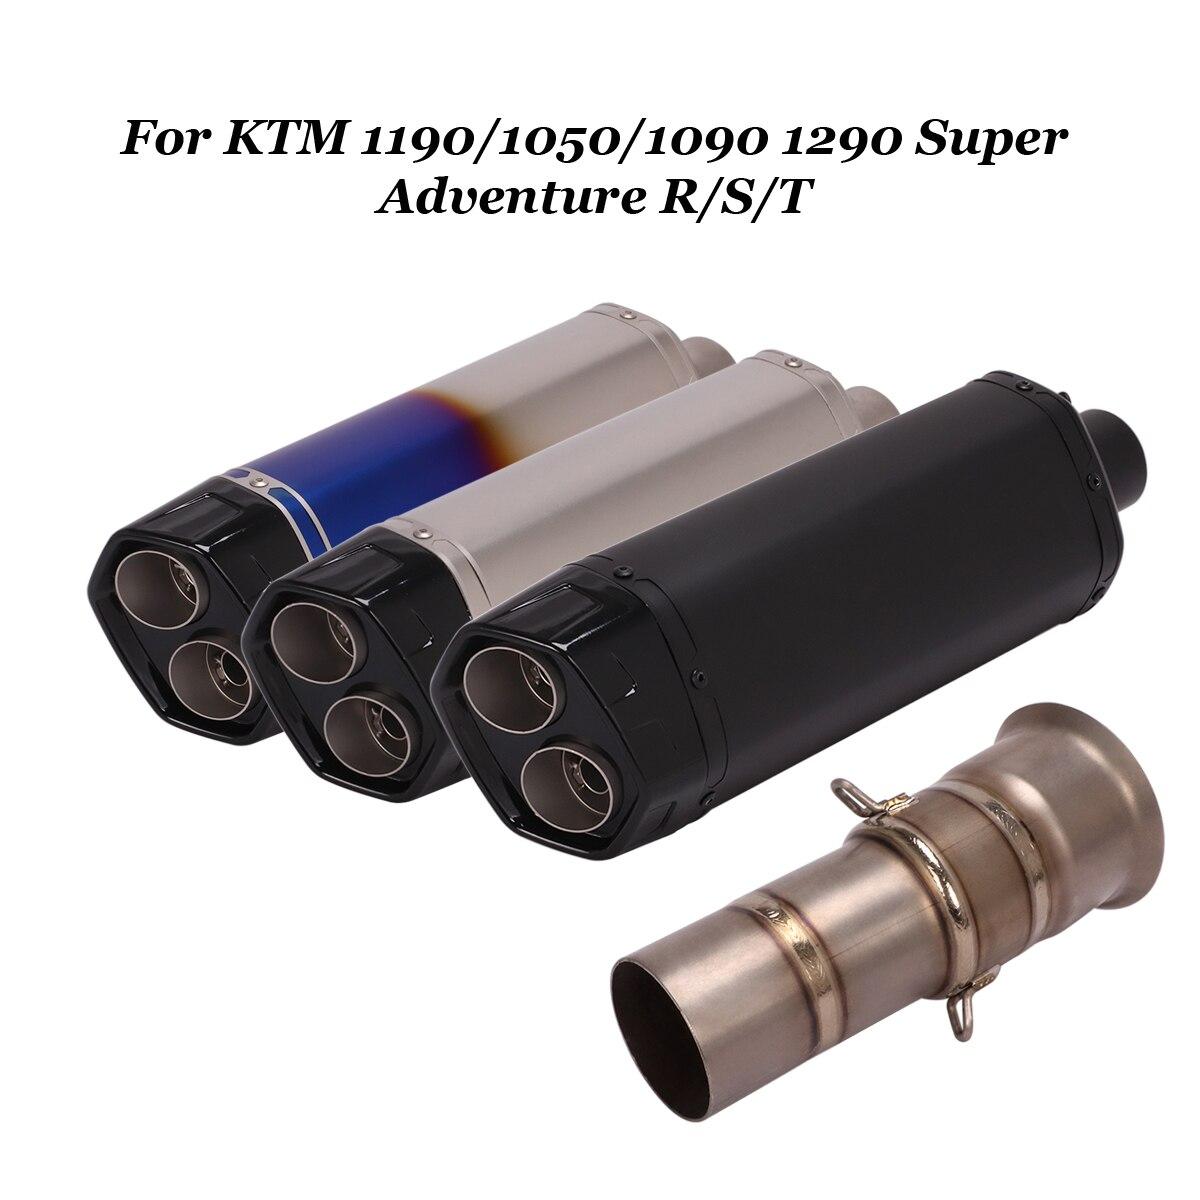 Sistema de Escape antideslizante, silenciador de 51mm, tubo de conexión para KTM 1050, 1090, 1190, 1290